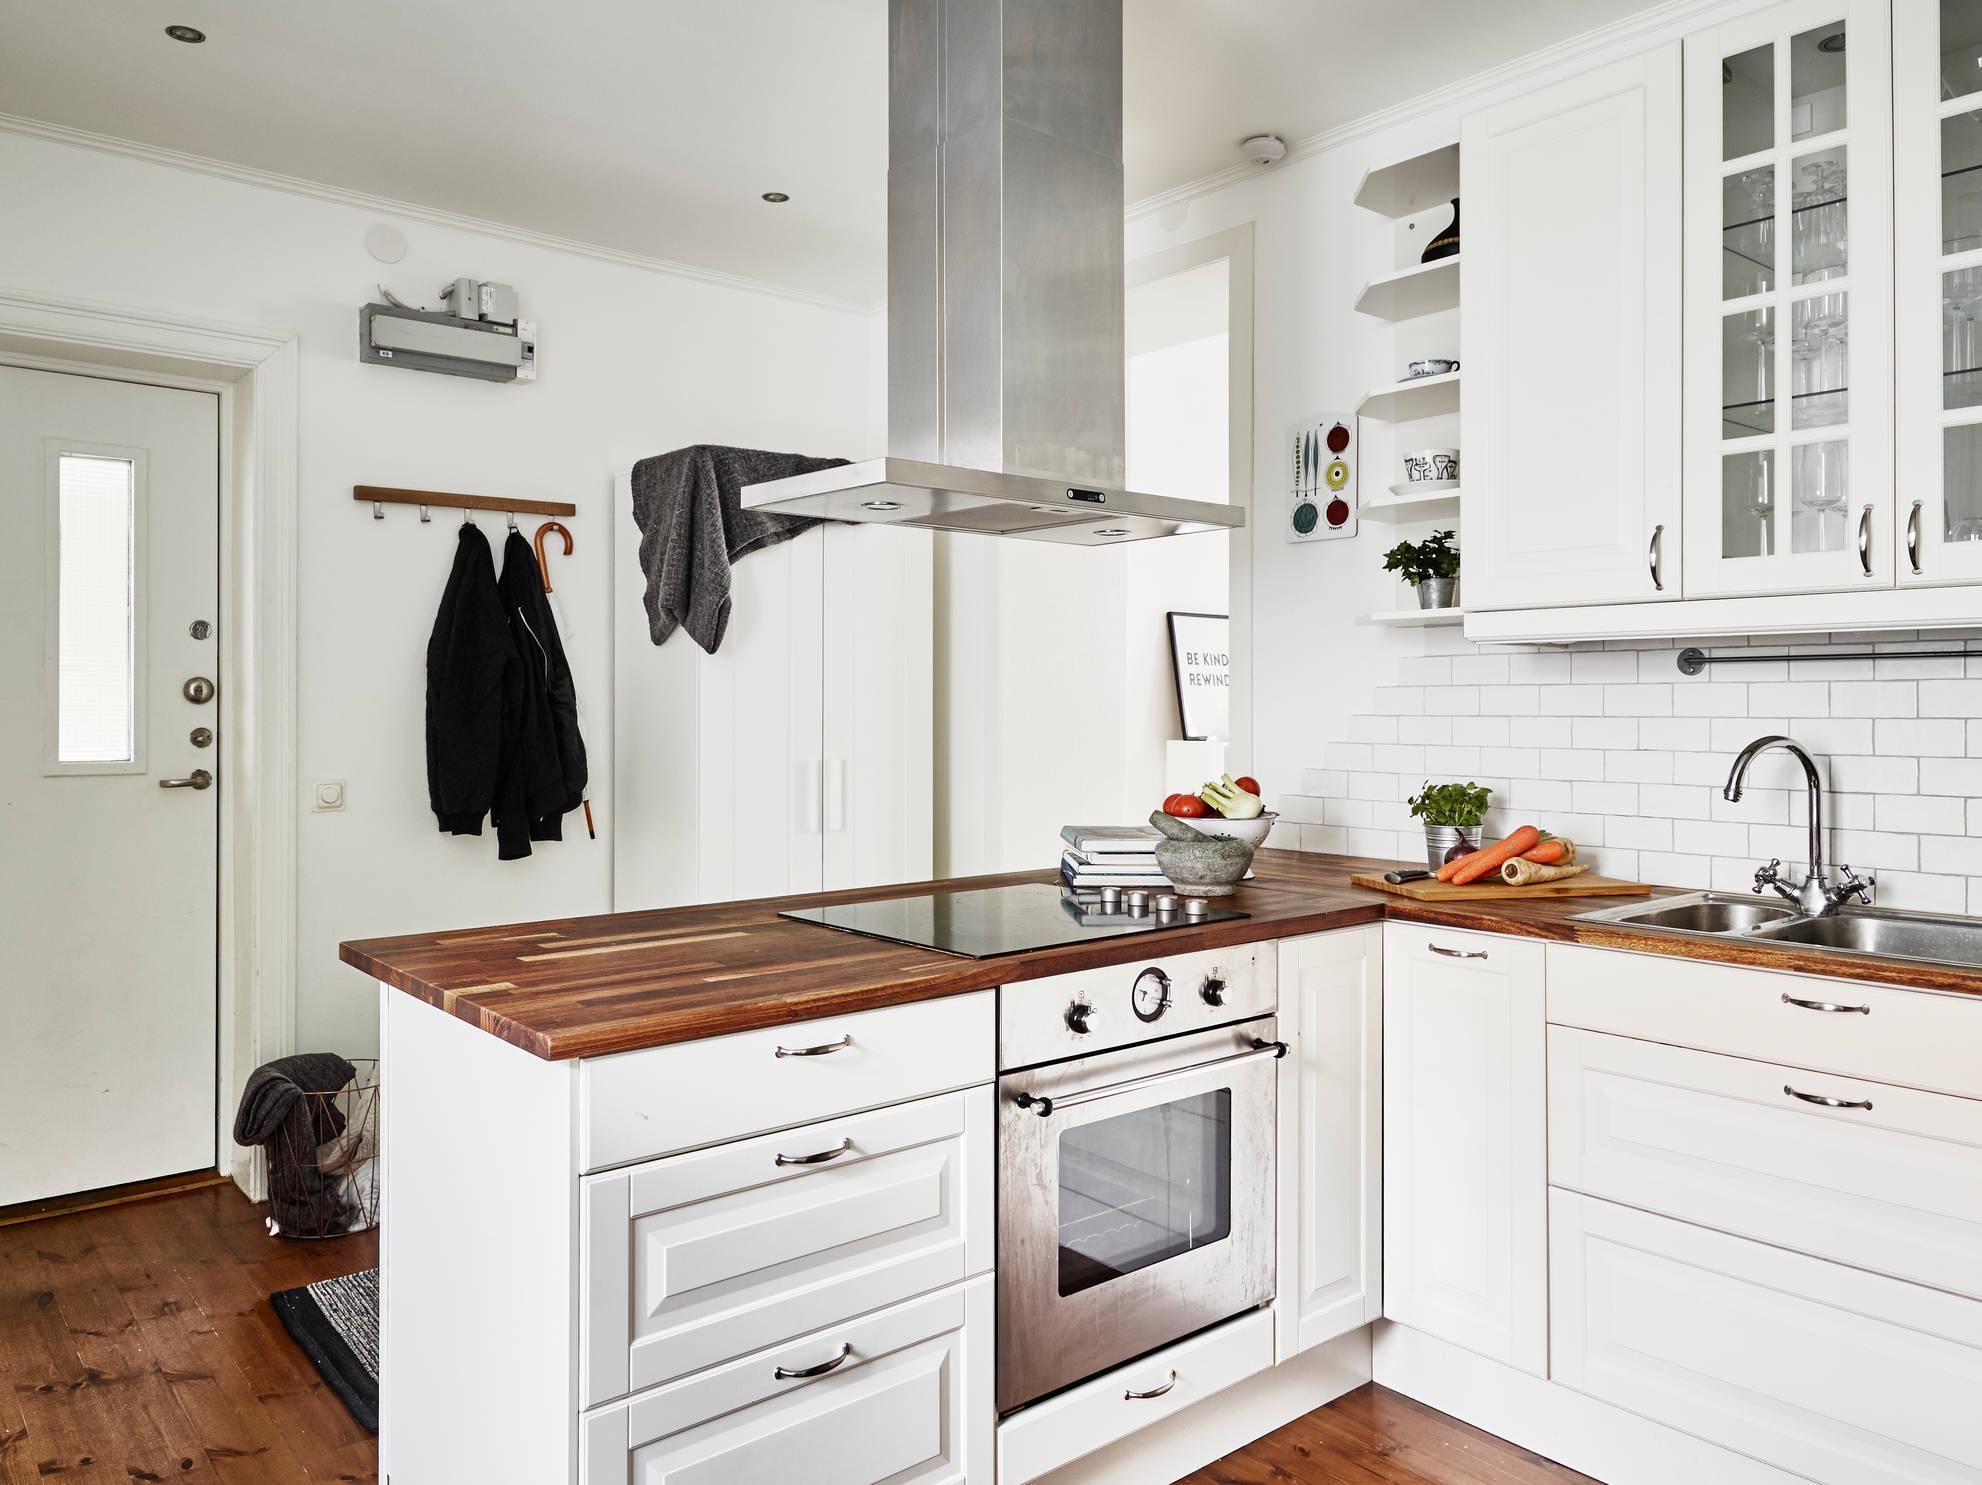 Pisos para ba os pequenos - Cocinas para pisos pequenos ...